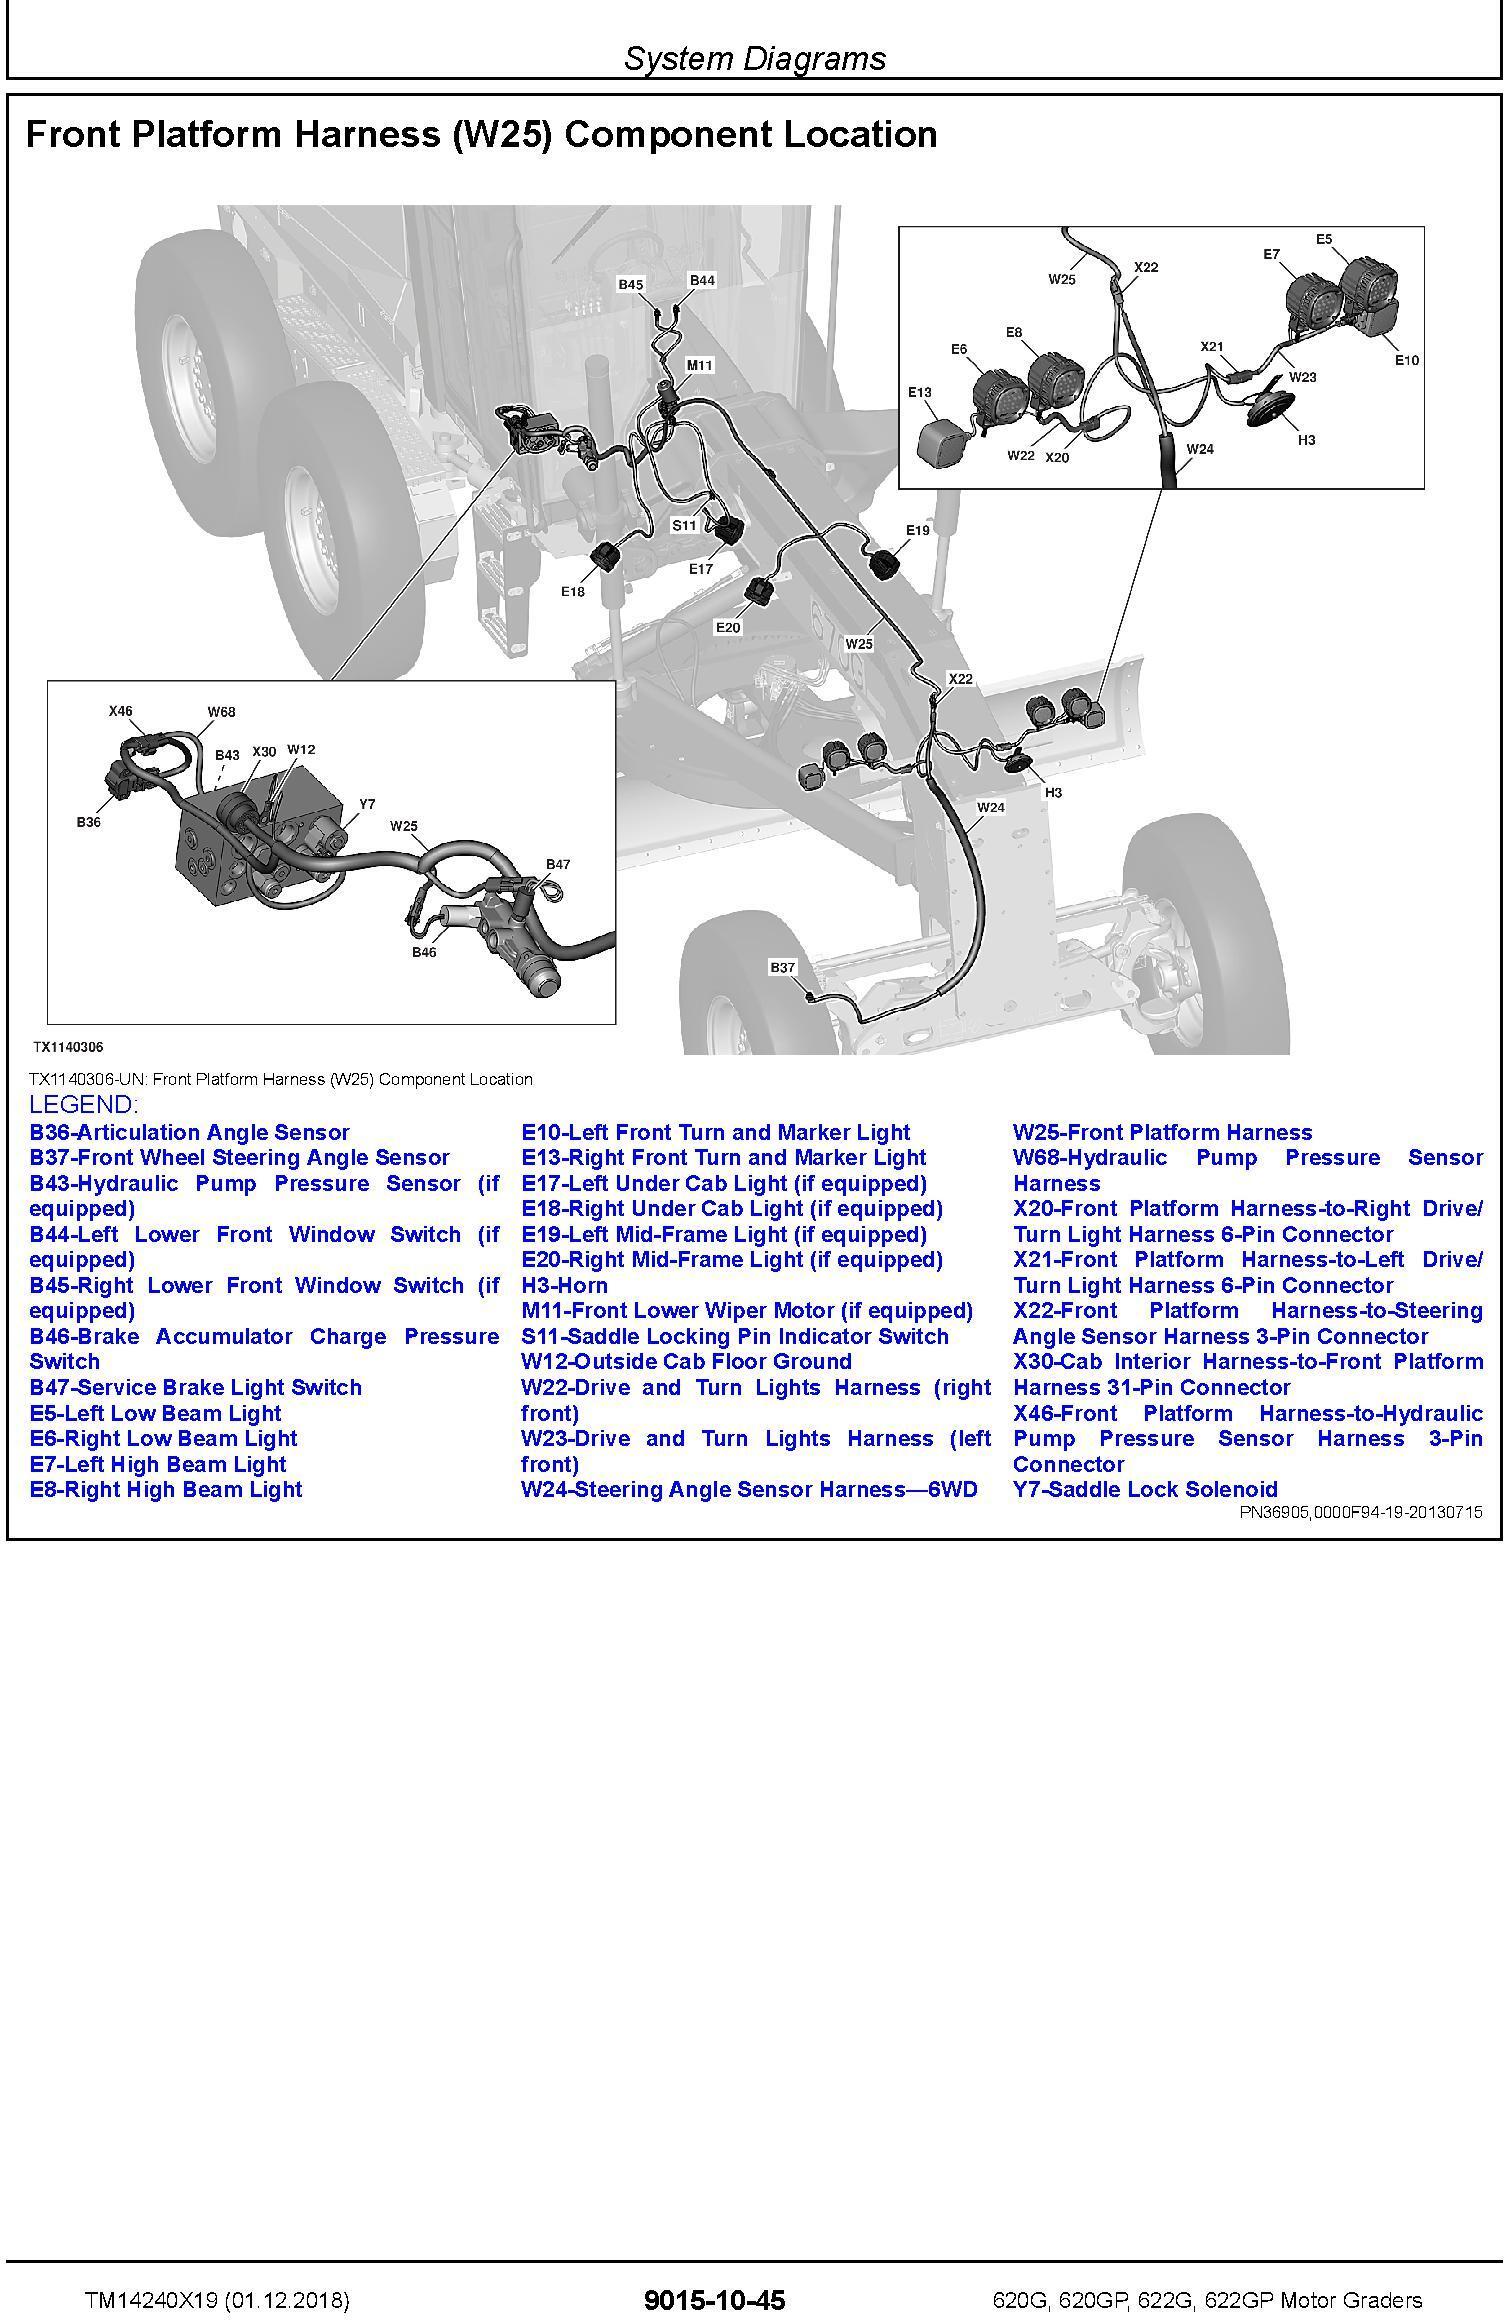 John Deere 620G,620GP,622G,622GP (SN.F680878-,L700954-) Motor Graders Diagnostic Manual (TM14240X19) - 1